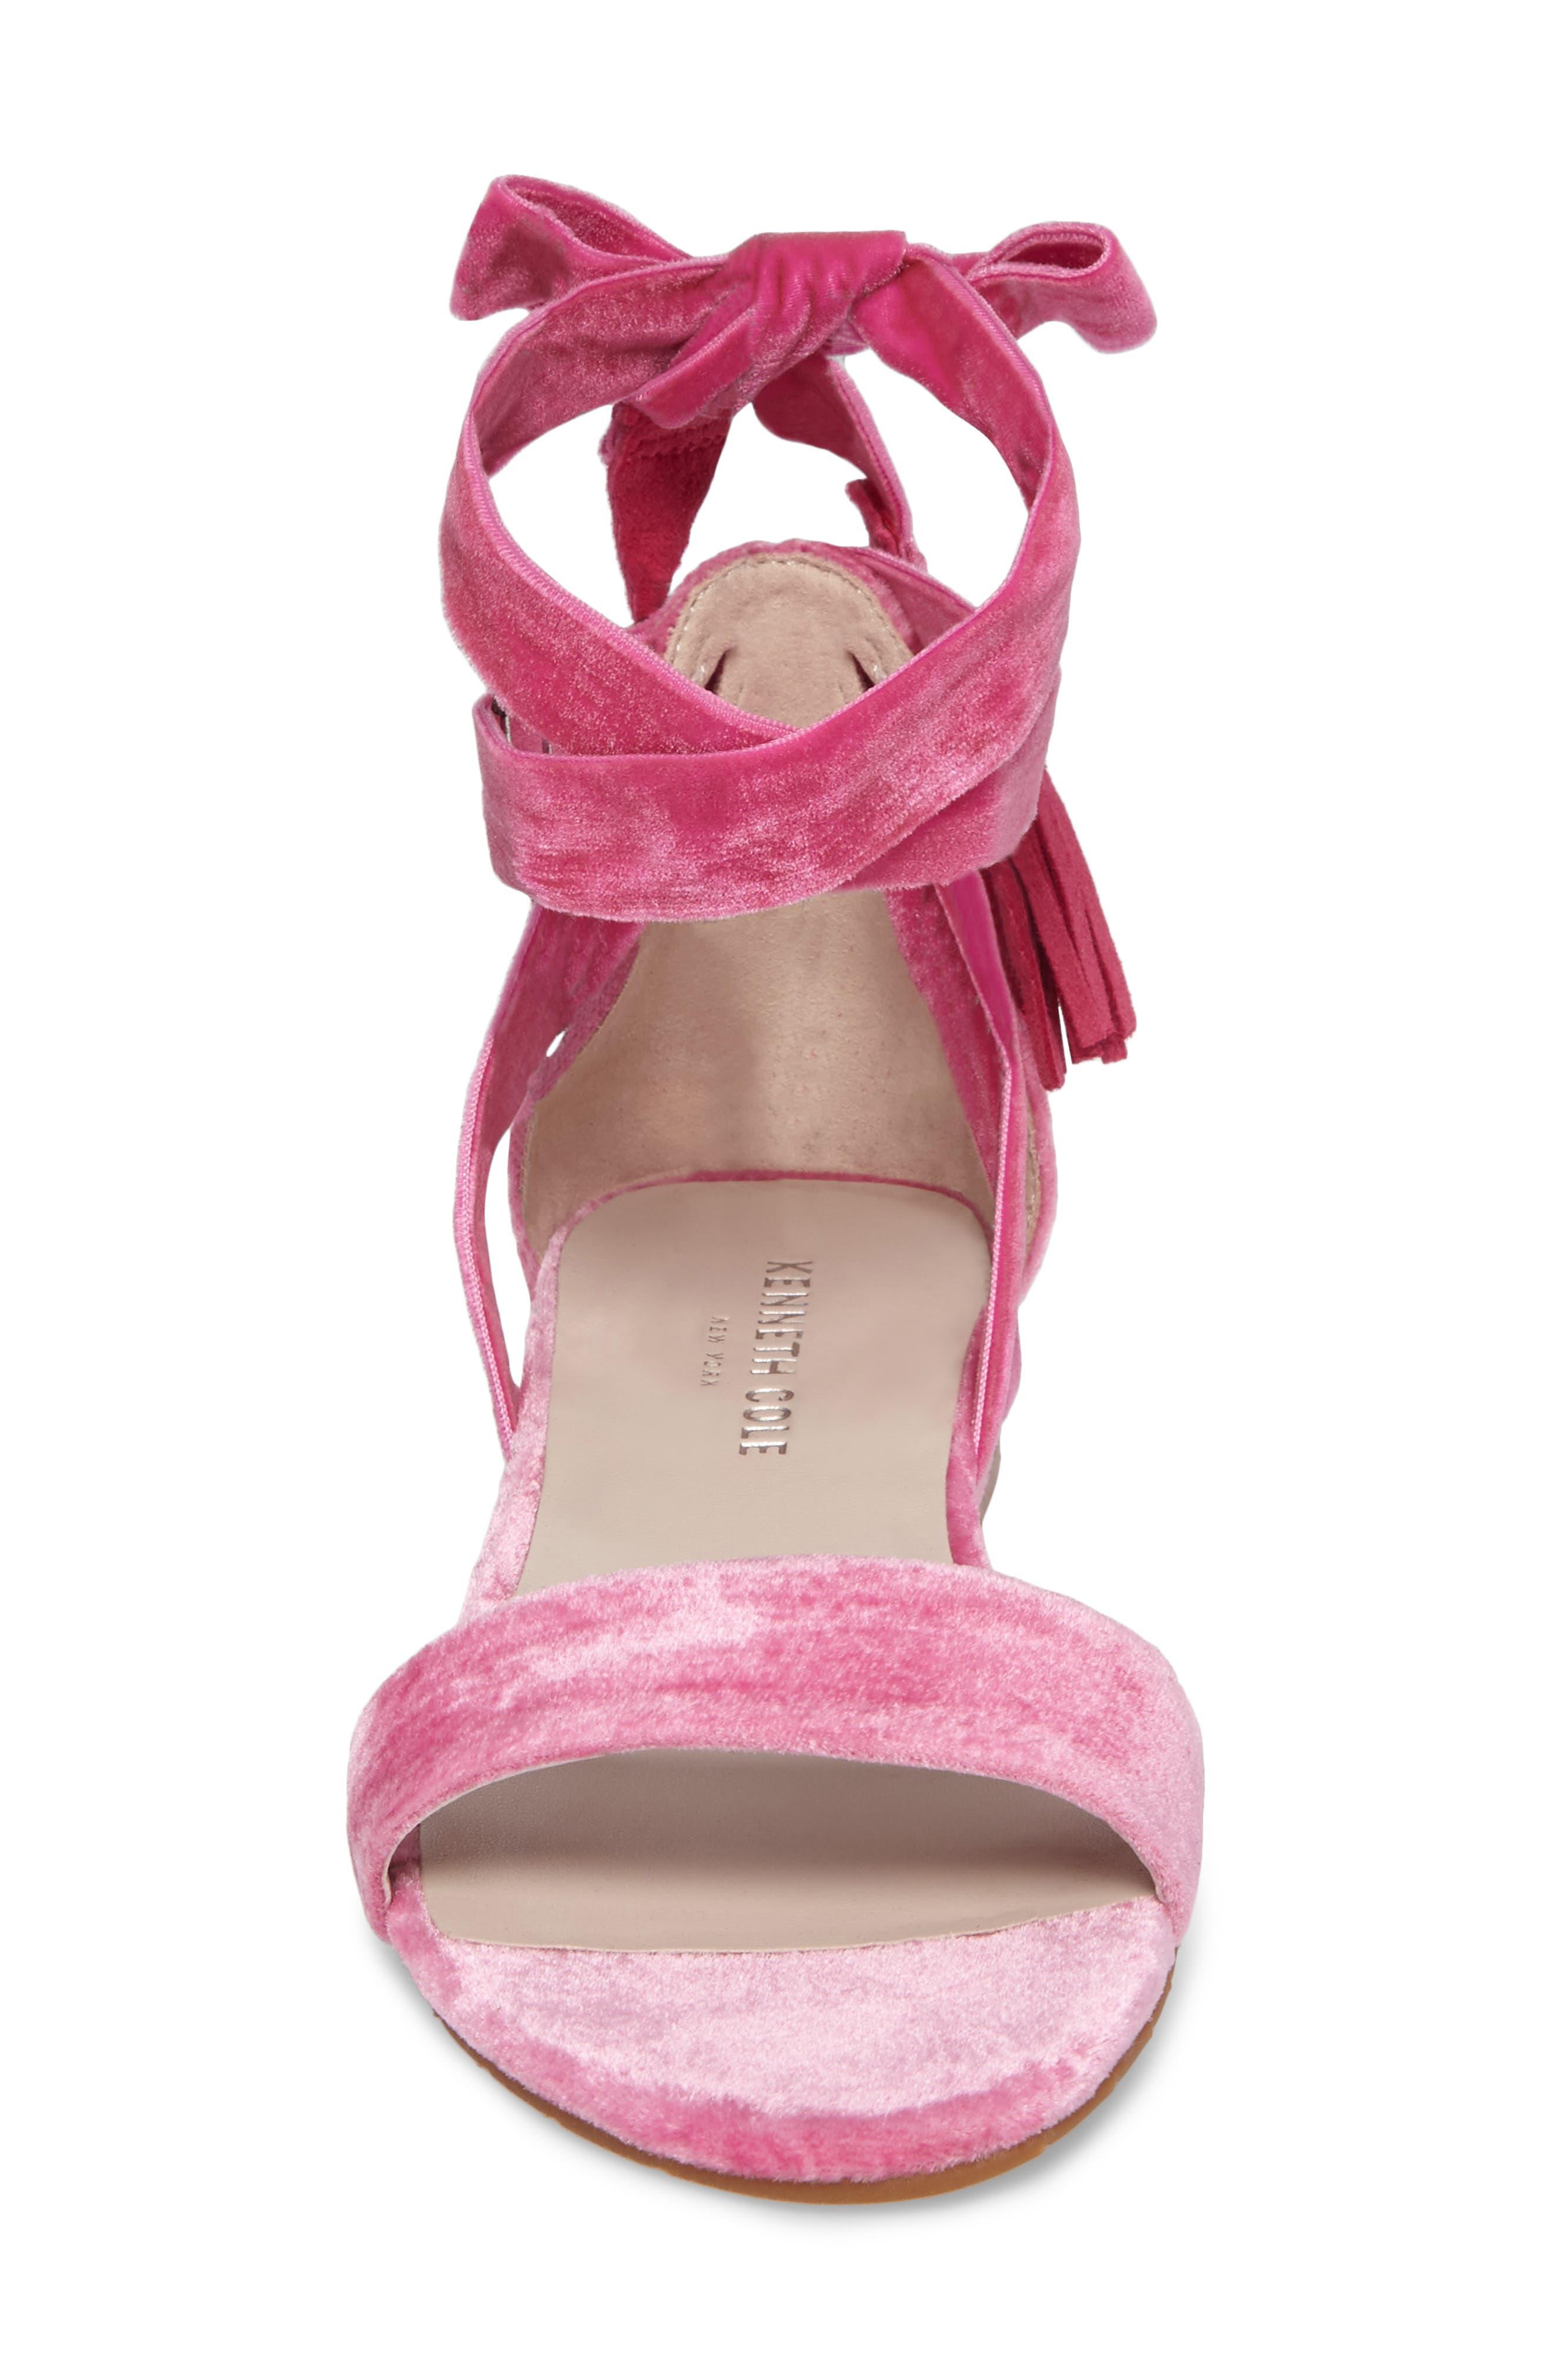 Valen Tassel Lace-Up Sandal,                             Alternate thumbnail 4, color,                             FUCHSIA VELVET